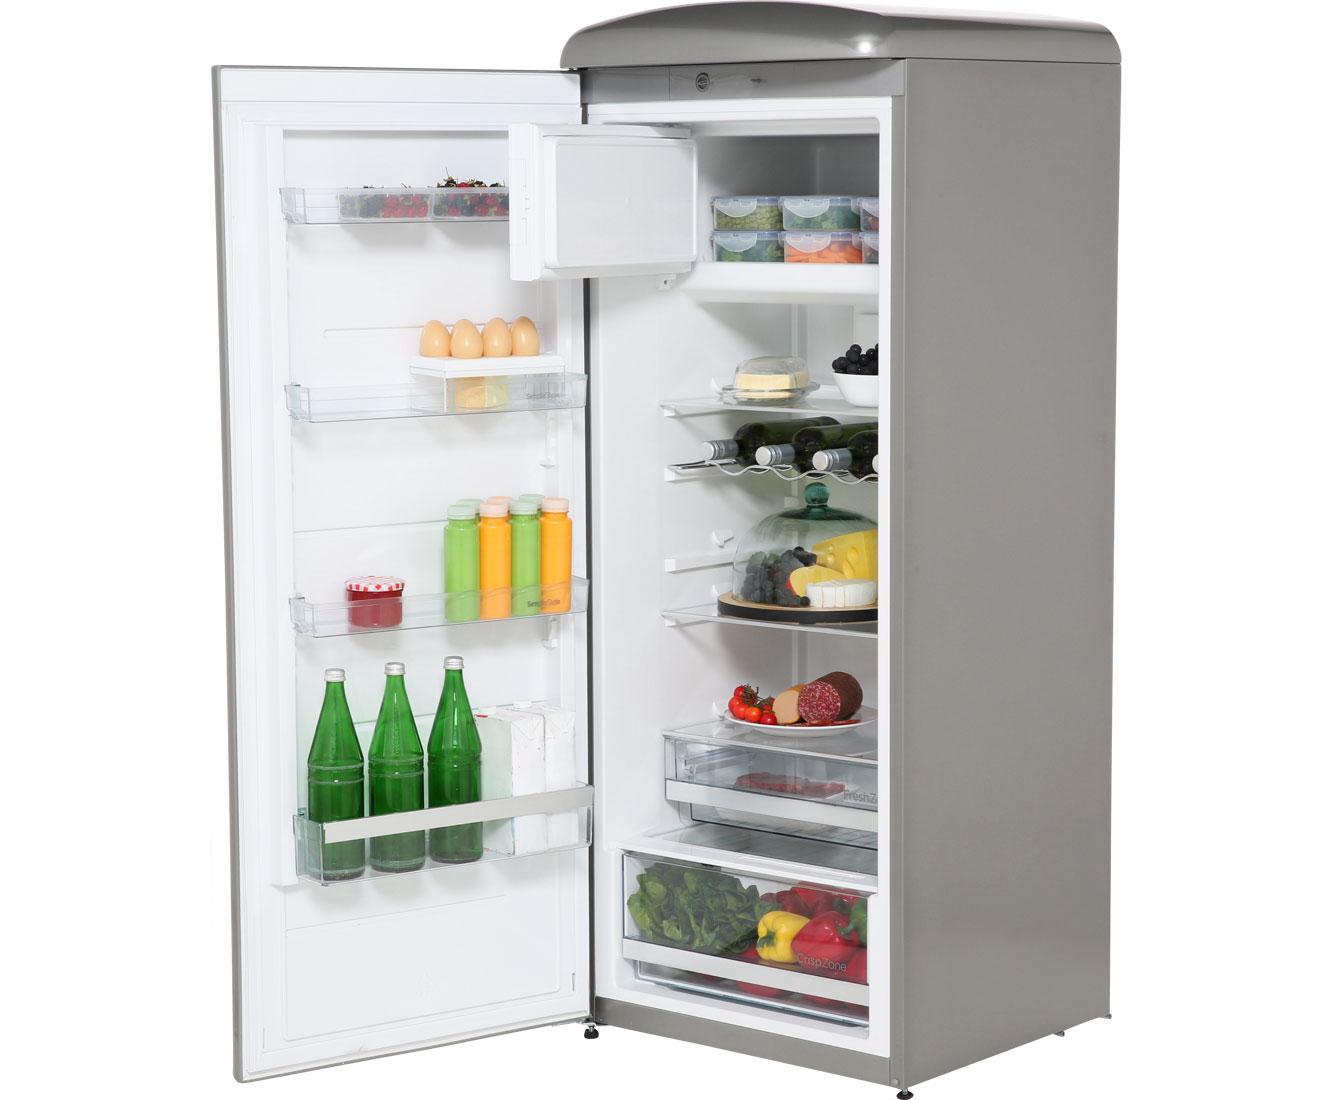 Gorenje Kühlschrank Retro : Retro kühlschrank mit gefrierfach khlschrnke gnstig online kaufen